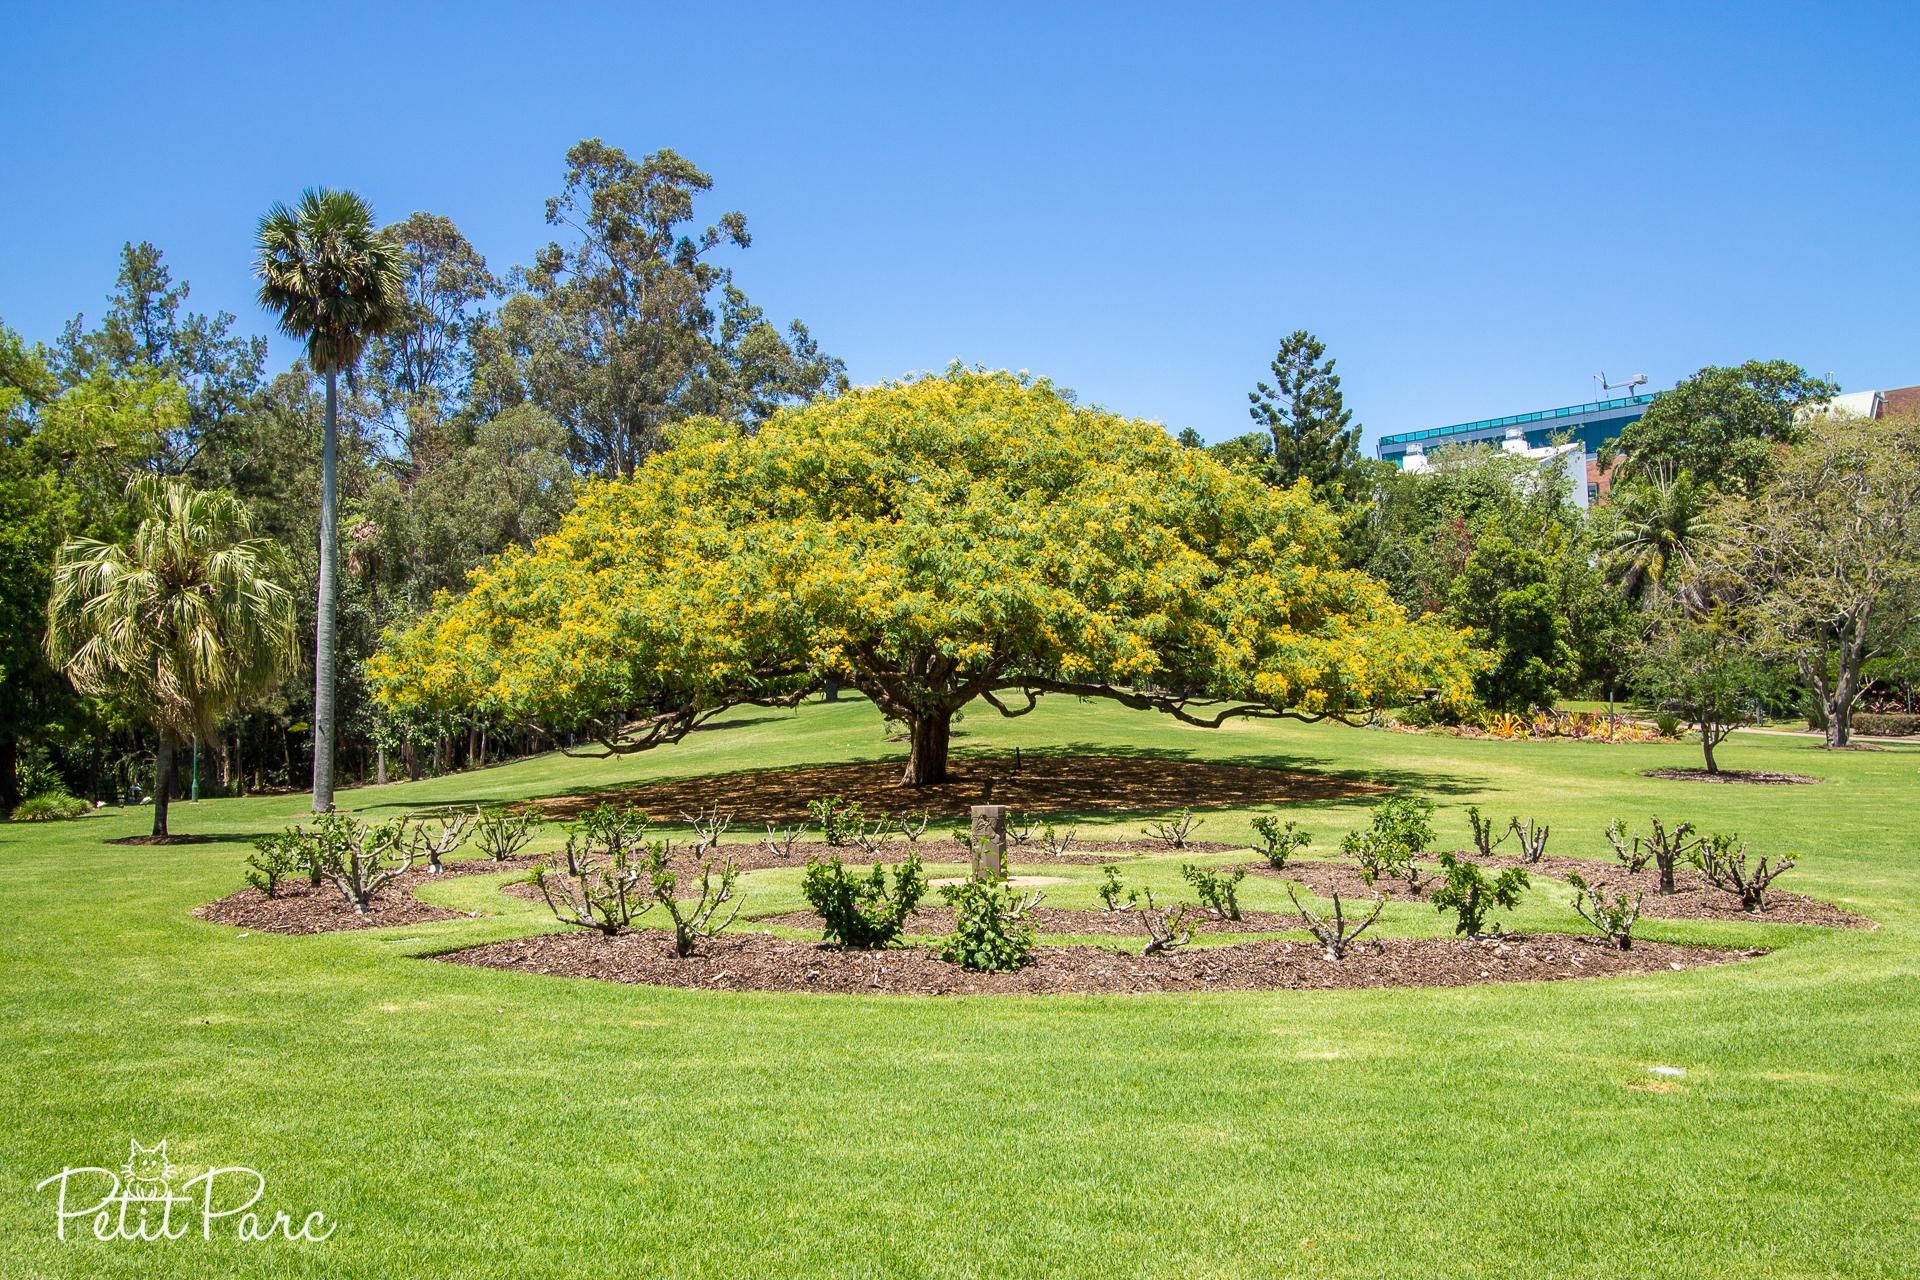 Jardin botanique de Brisbane